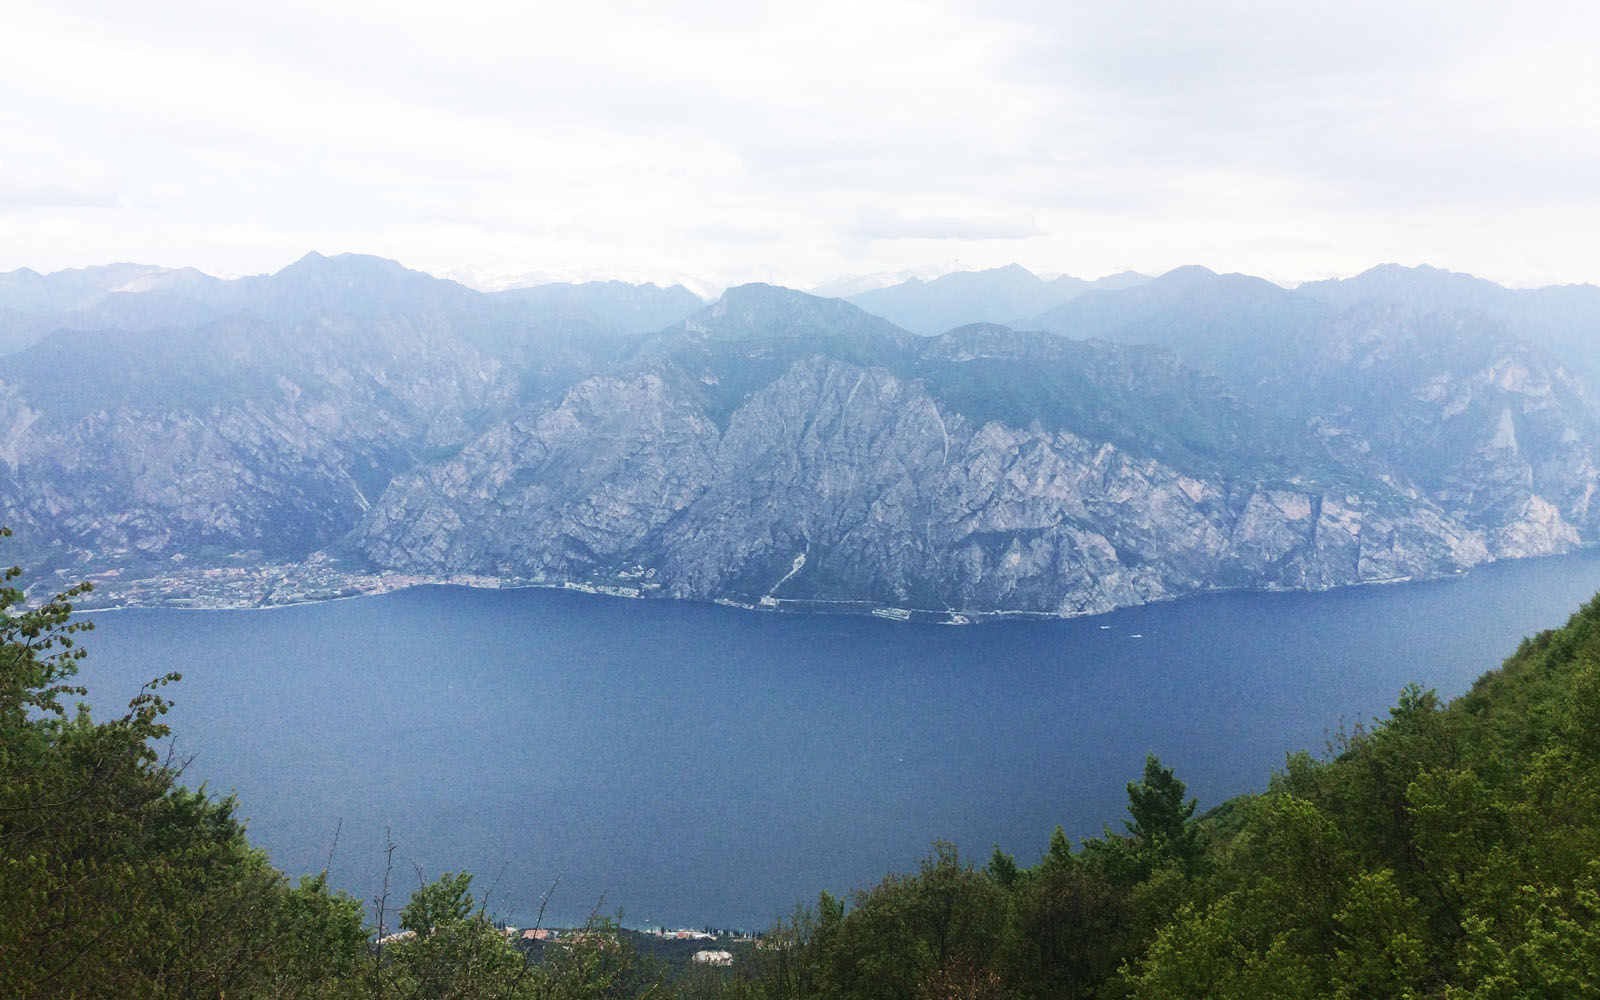 Uno scorcio sul lago di Garda dal Monte Baldo.